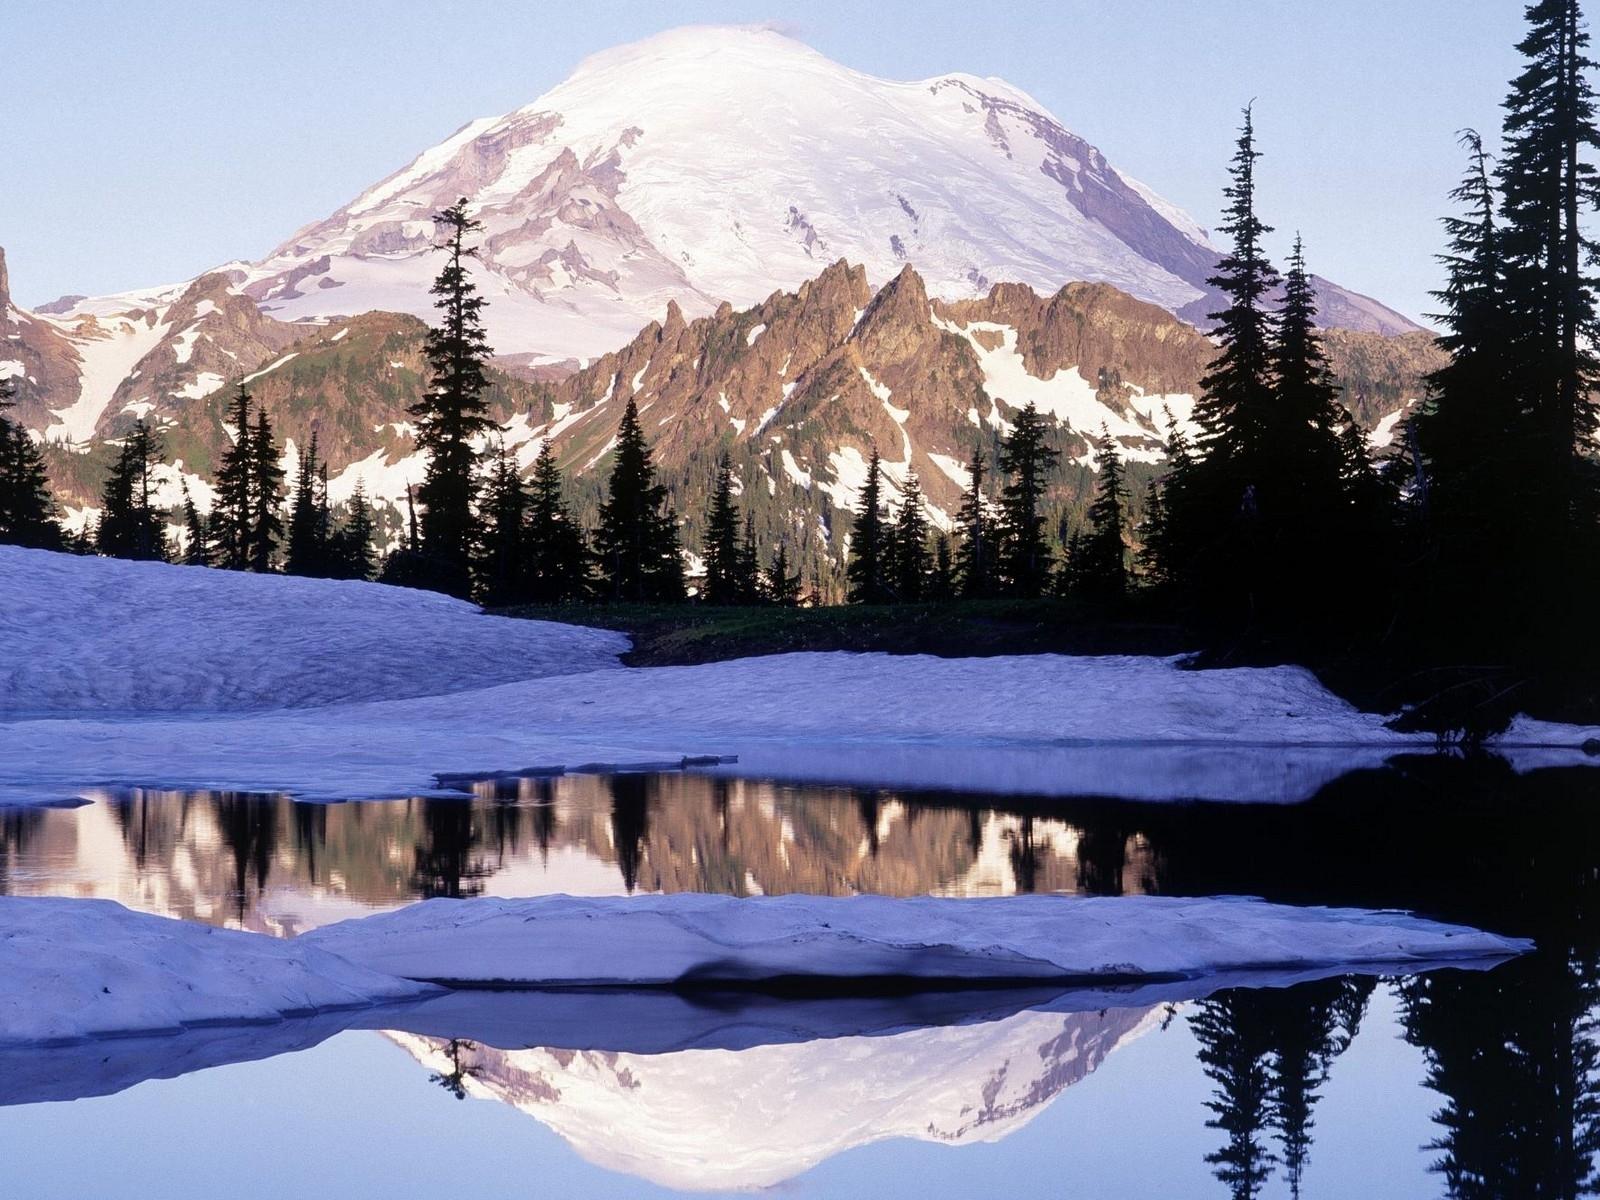 4895 скачать обои Пейзаж, Зима, Вода, Река, Деревья, Горы - заставки и картинки бесплатно